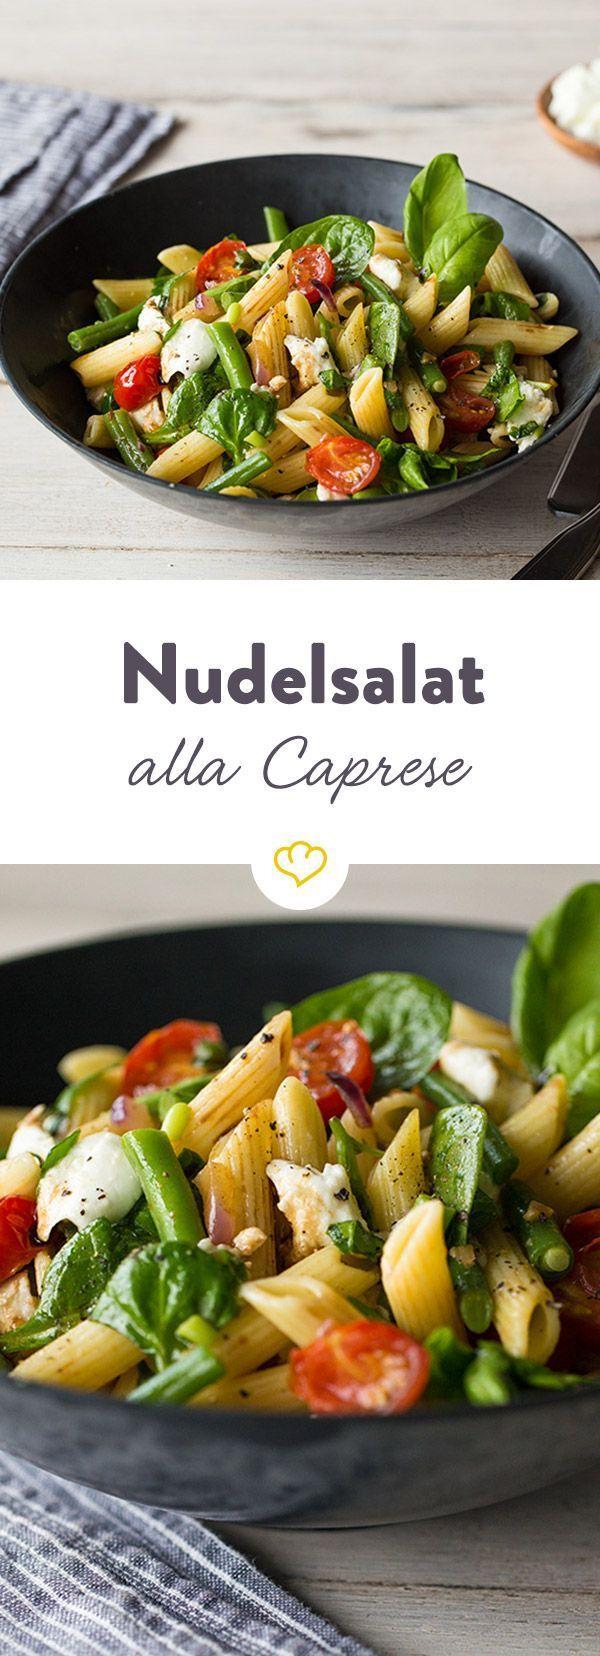 alla Caprese Was ein einziger Salat so mit einem machen kann... Aber wenn er auch so leicht und aromatisch ist, dann können schnell mal Urlaubs-Glücksgefühle aufkommen.Was ein einziger Salat so mit einem machen kann... Aber wenn er auch so leicht und aromatisch ist, dann können schnell mal Urlaubs-Glücksgefühle aufkommen.